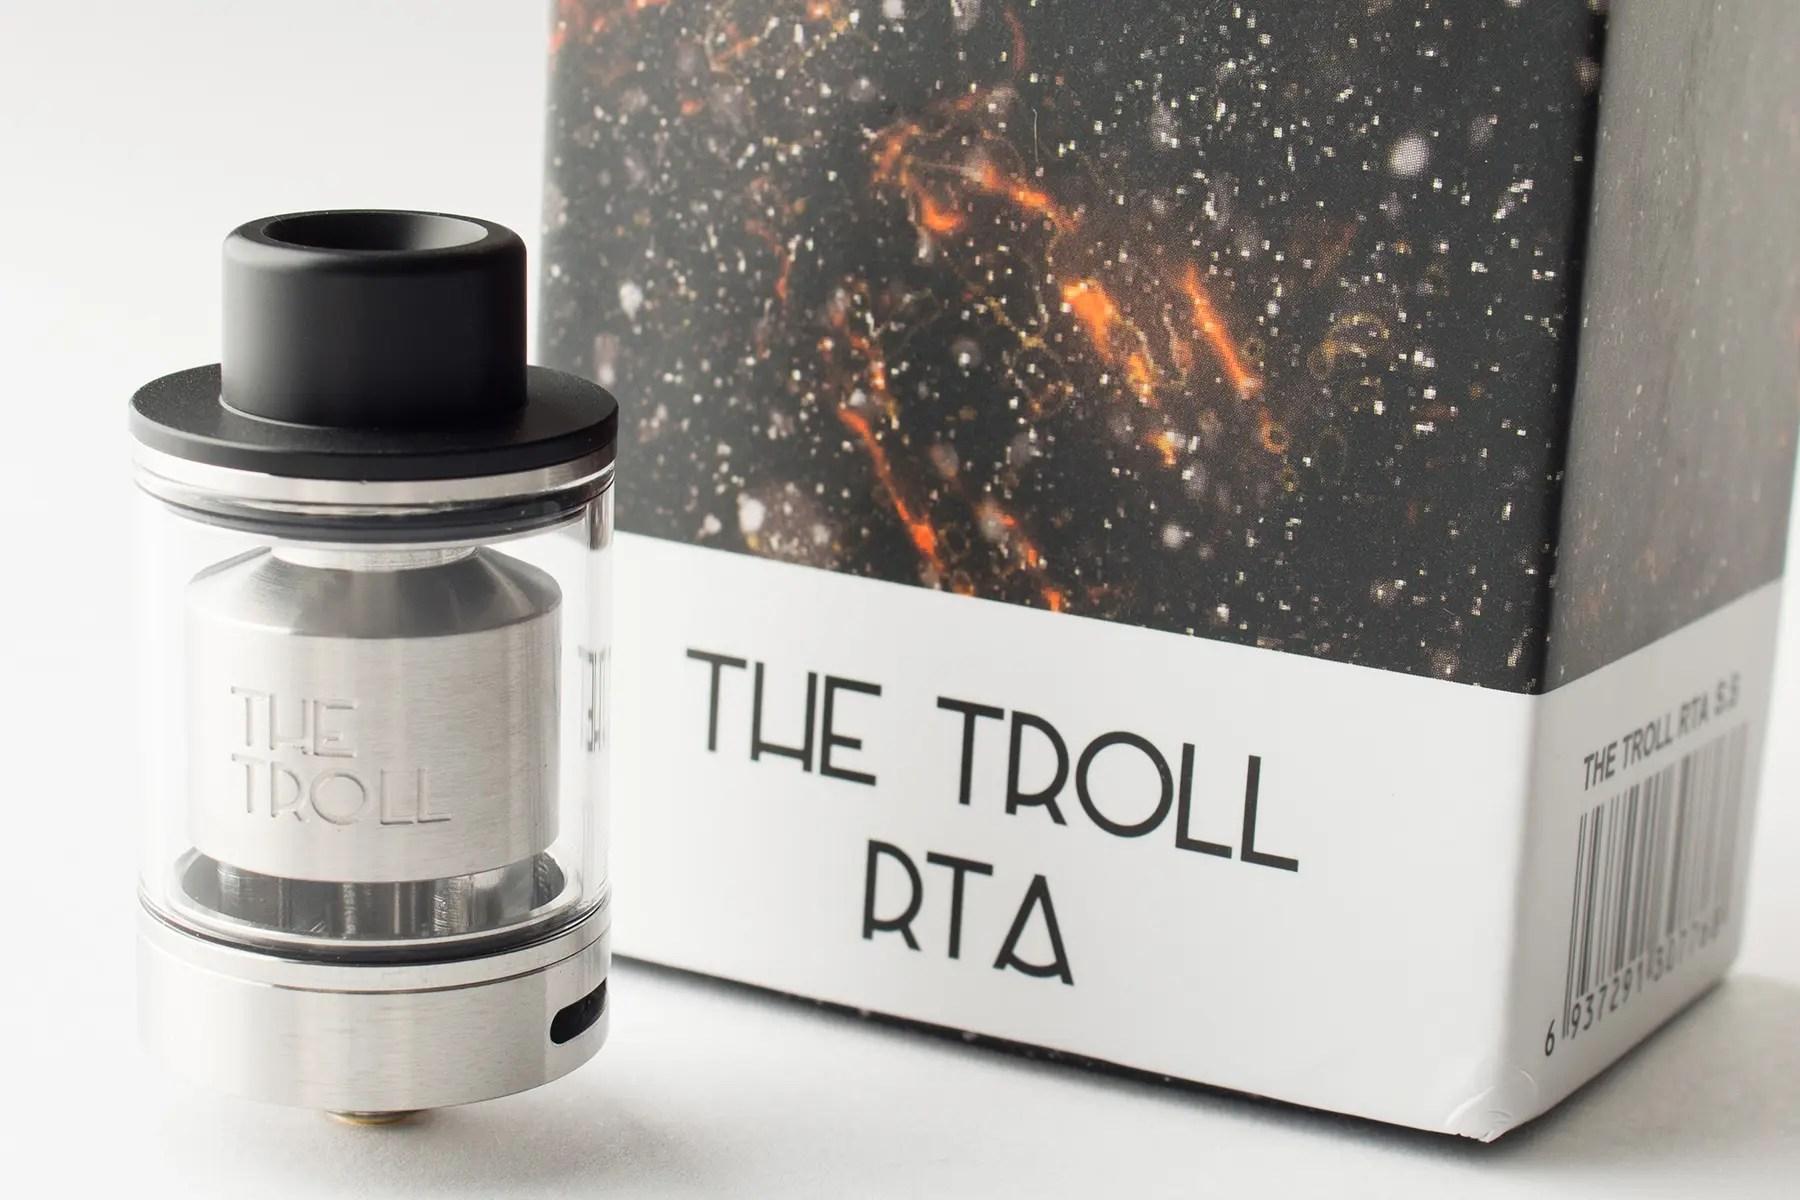 【アトマイザー】THR TROLL RTA「ザ・トロール・RTA」 (Wotofo ウォトフォ) レビュー